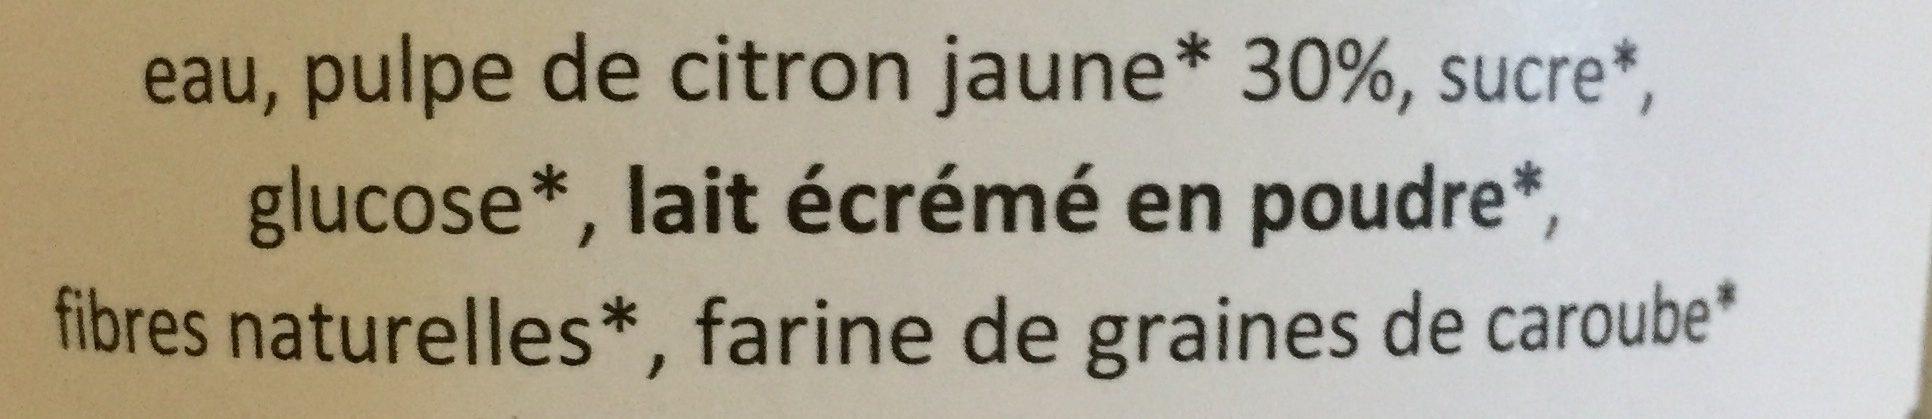 Sorbet citron - Ingrédients